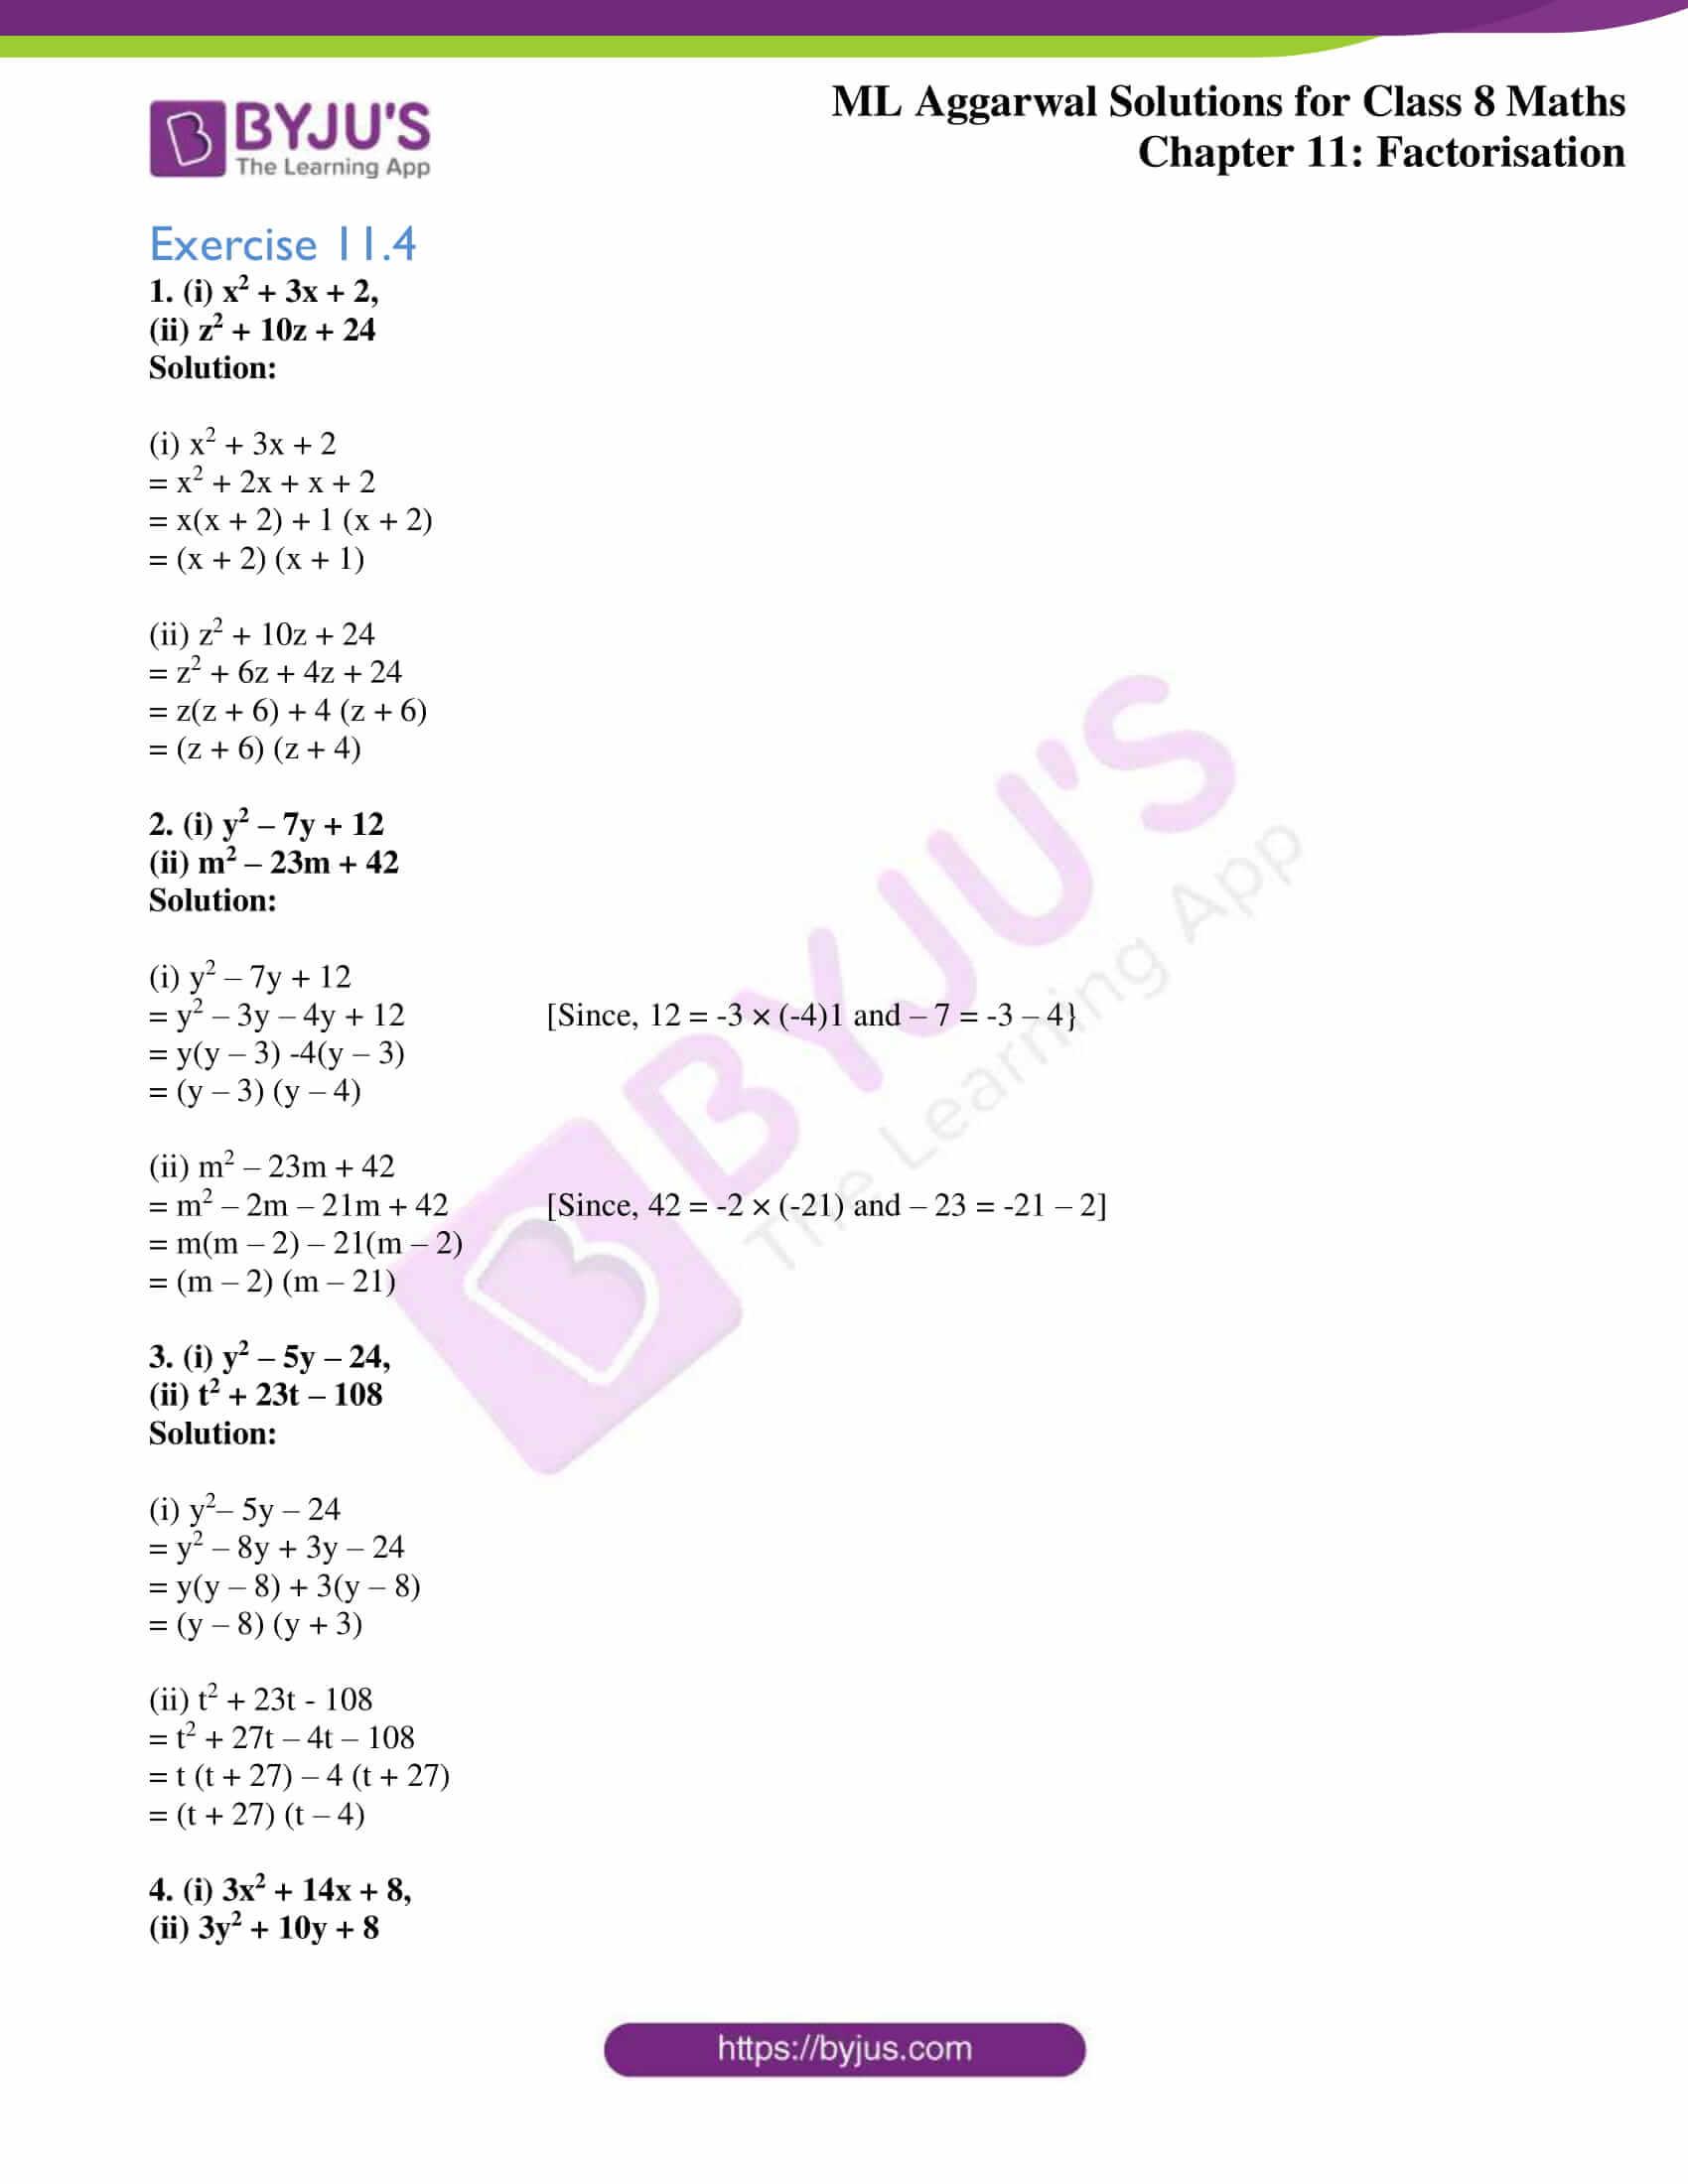 ml aggarwal sol mathematics class 8 ch 11 12